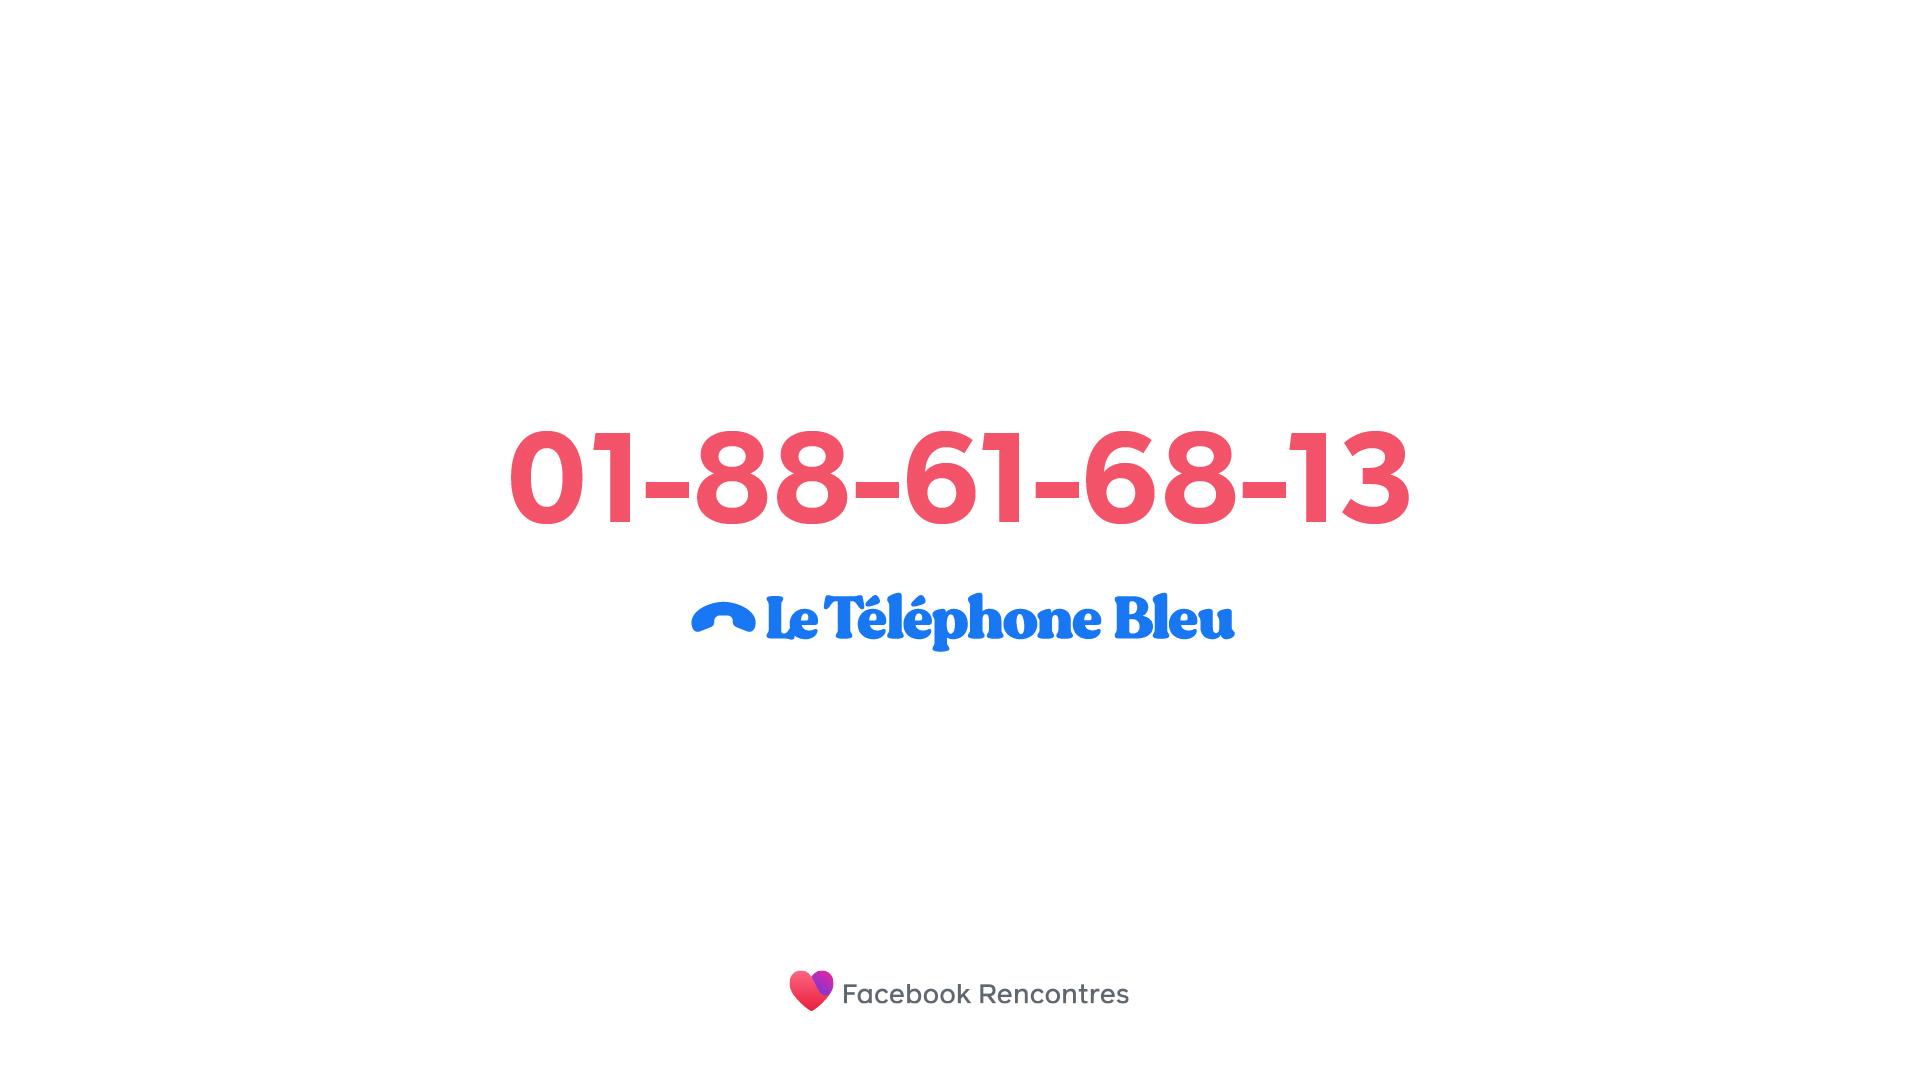 rencontre telephonique 01 rencontre femme sainte maxime